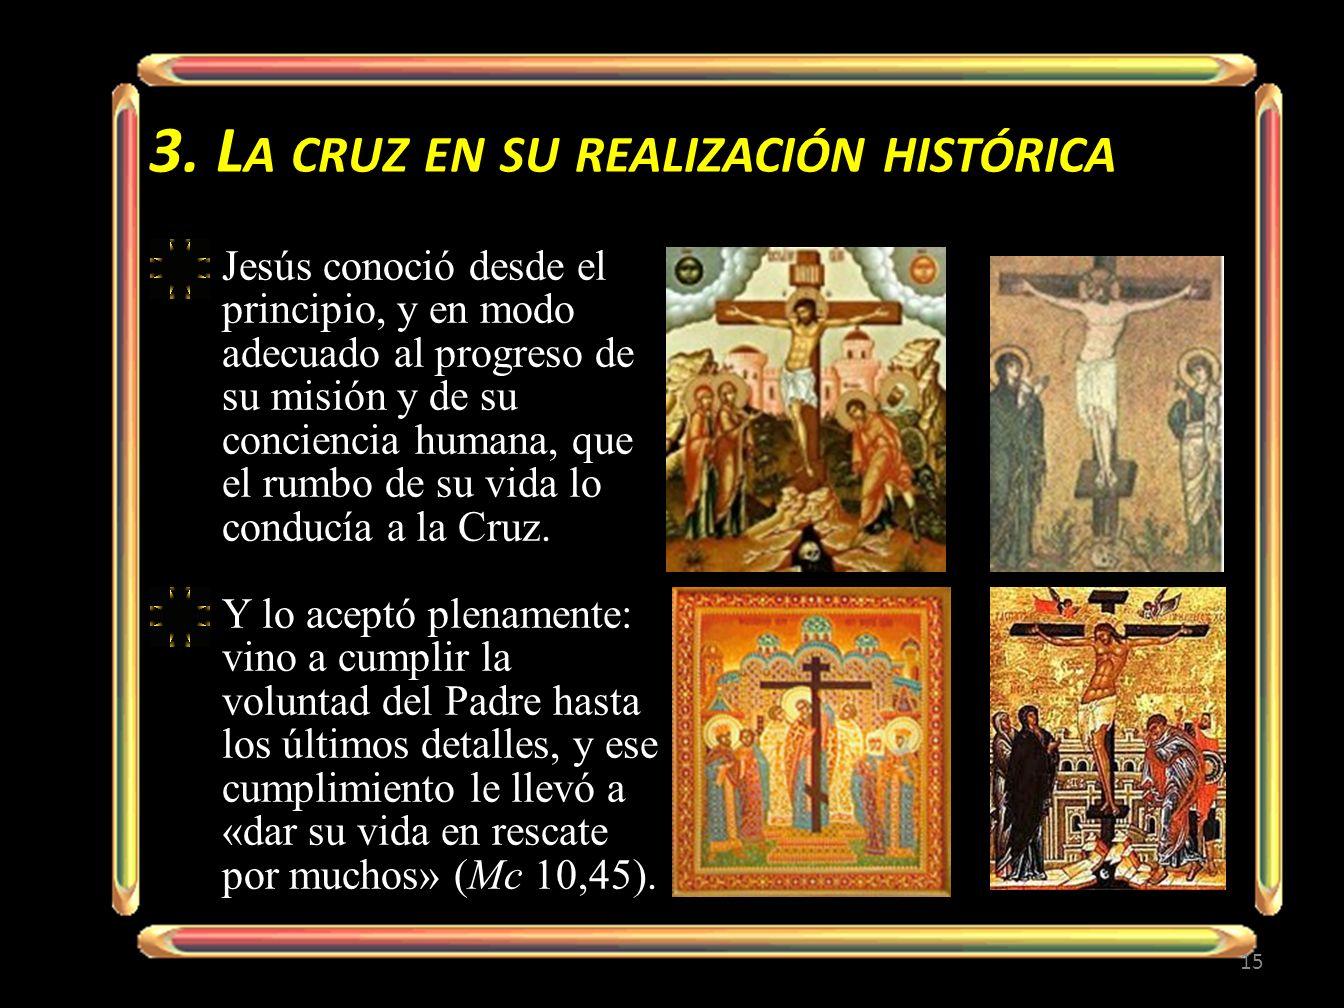 3. La cruz en su realización histórica